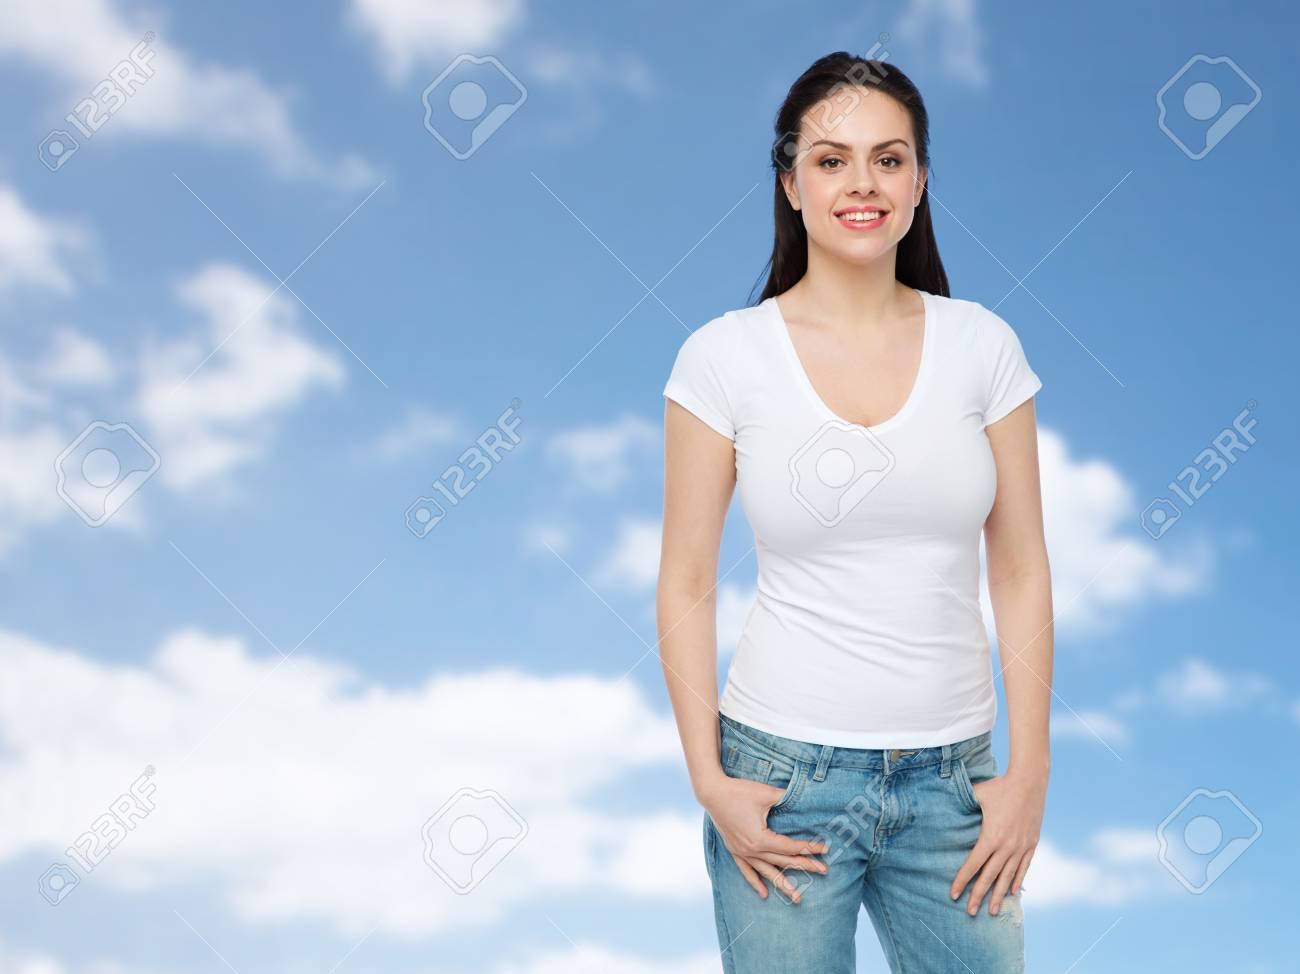 werbung, kleidung und menschen konzept - glückliche junge frau oder  teenager-mädchen in weißen t-shirt über blauen himmel und wolken  hintergrund